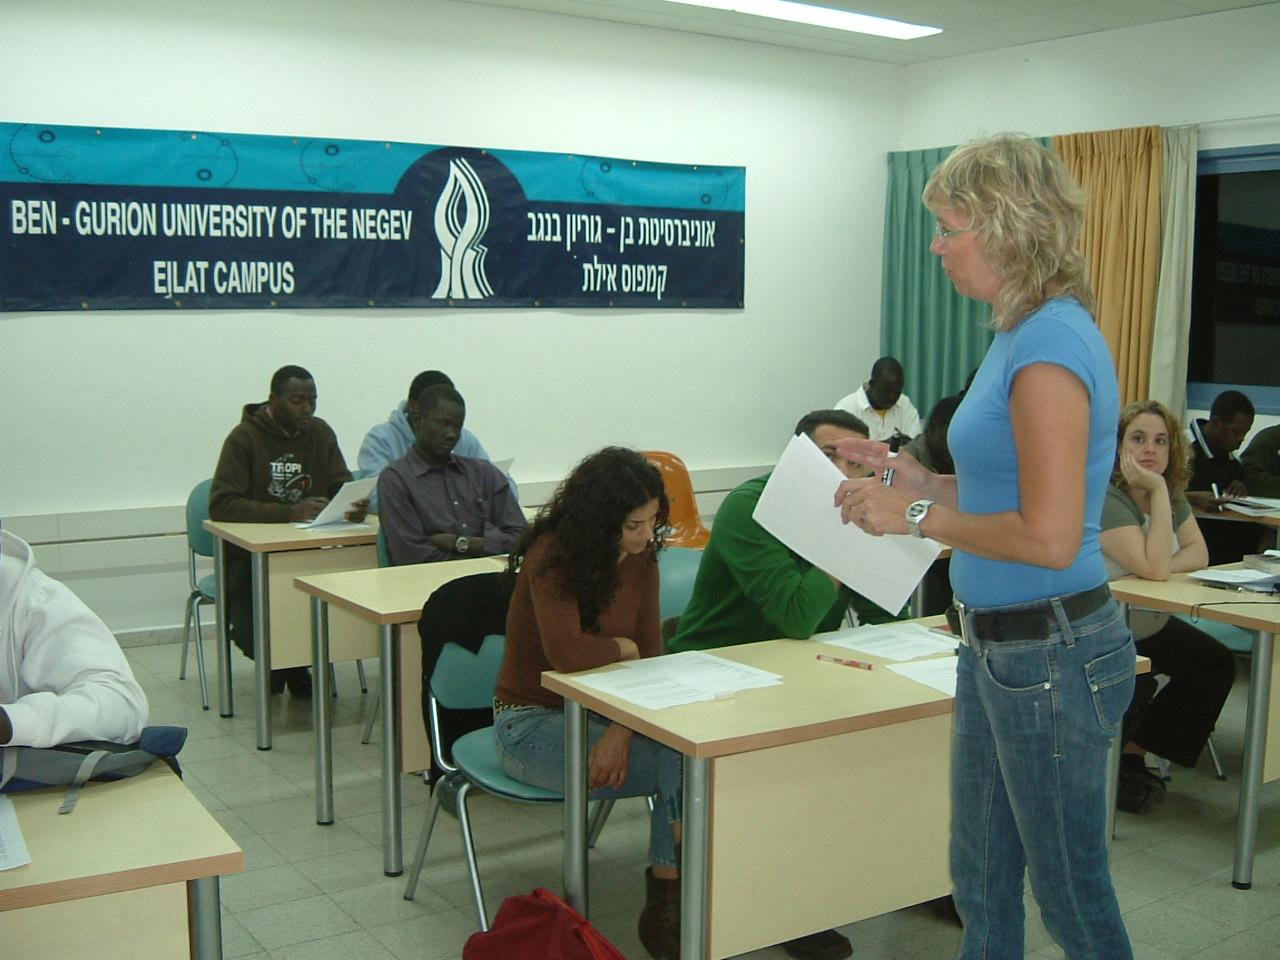 קמפוס אילת - שפות- אנגלית וצרפתית מדוברת למתחילים ומתקדמים